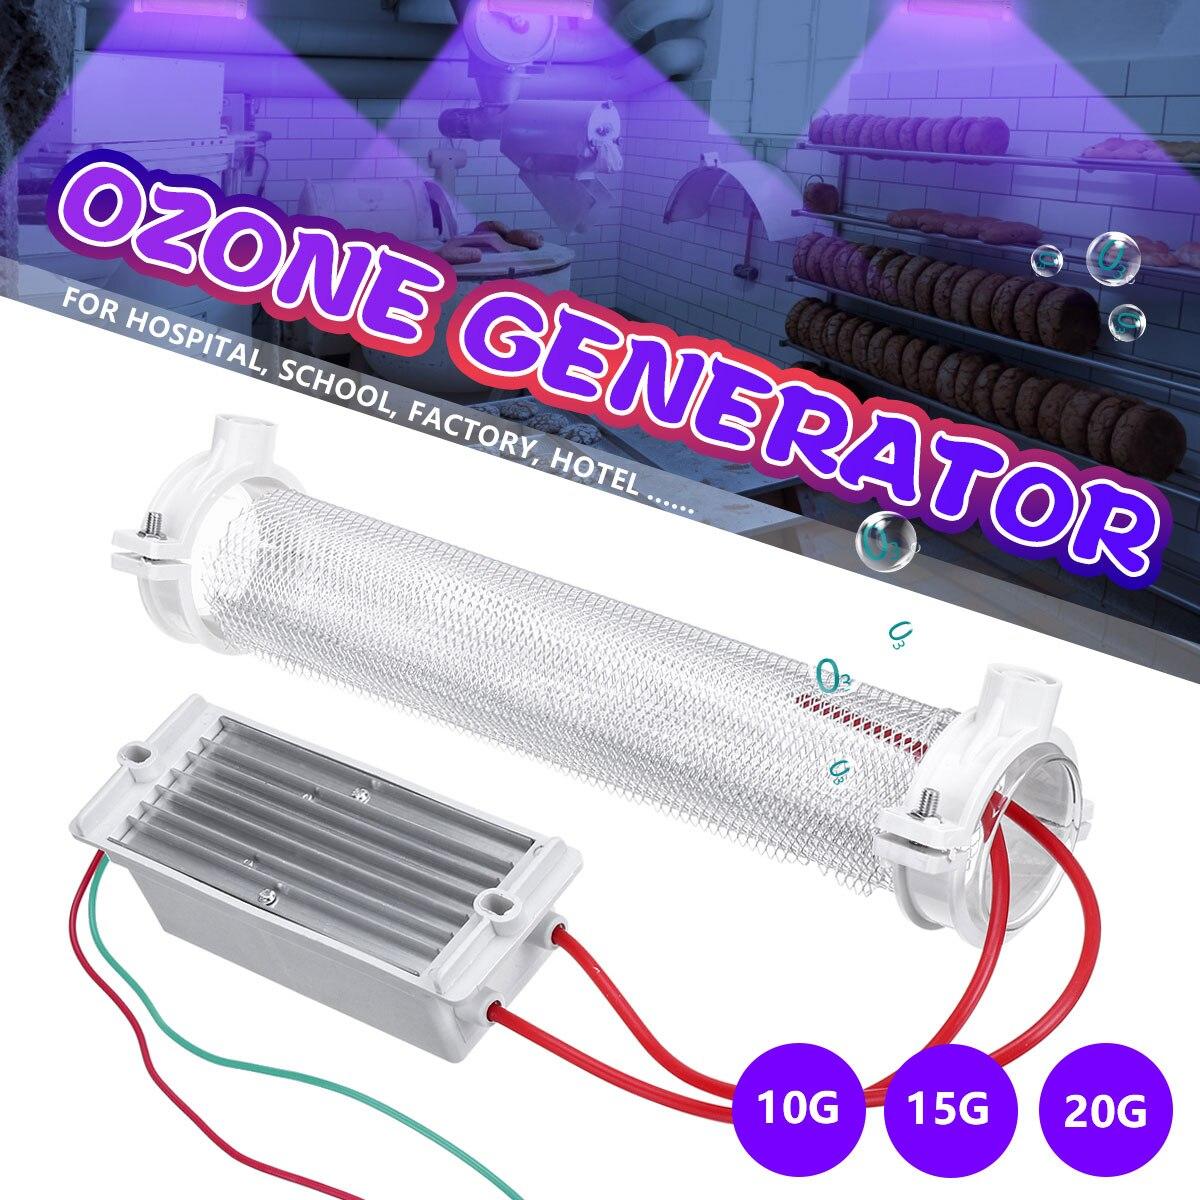 AC110V/220V 10g/15g/20g генератор озона трубки диоксида кремния DIY очистки воздуха озонатор трубы запасные части очиститель воздуха дезодорирующий